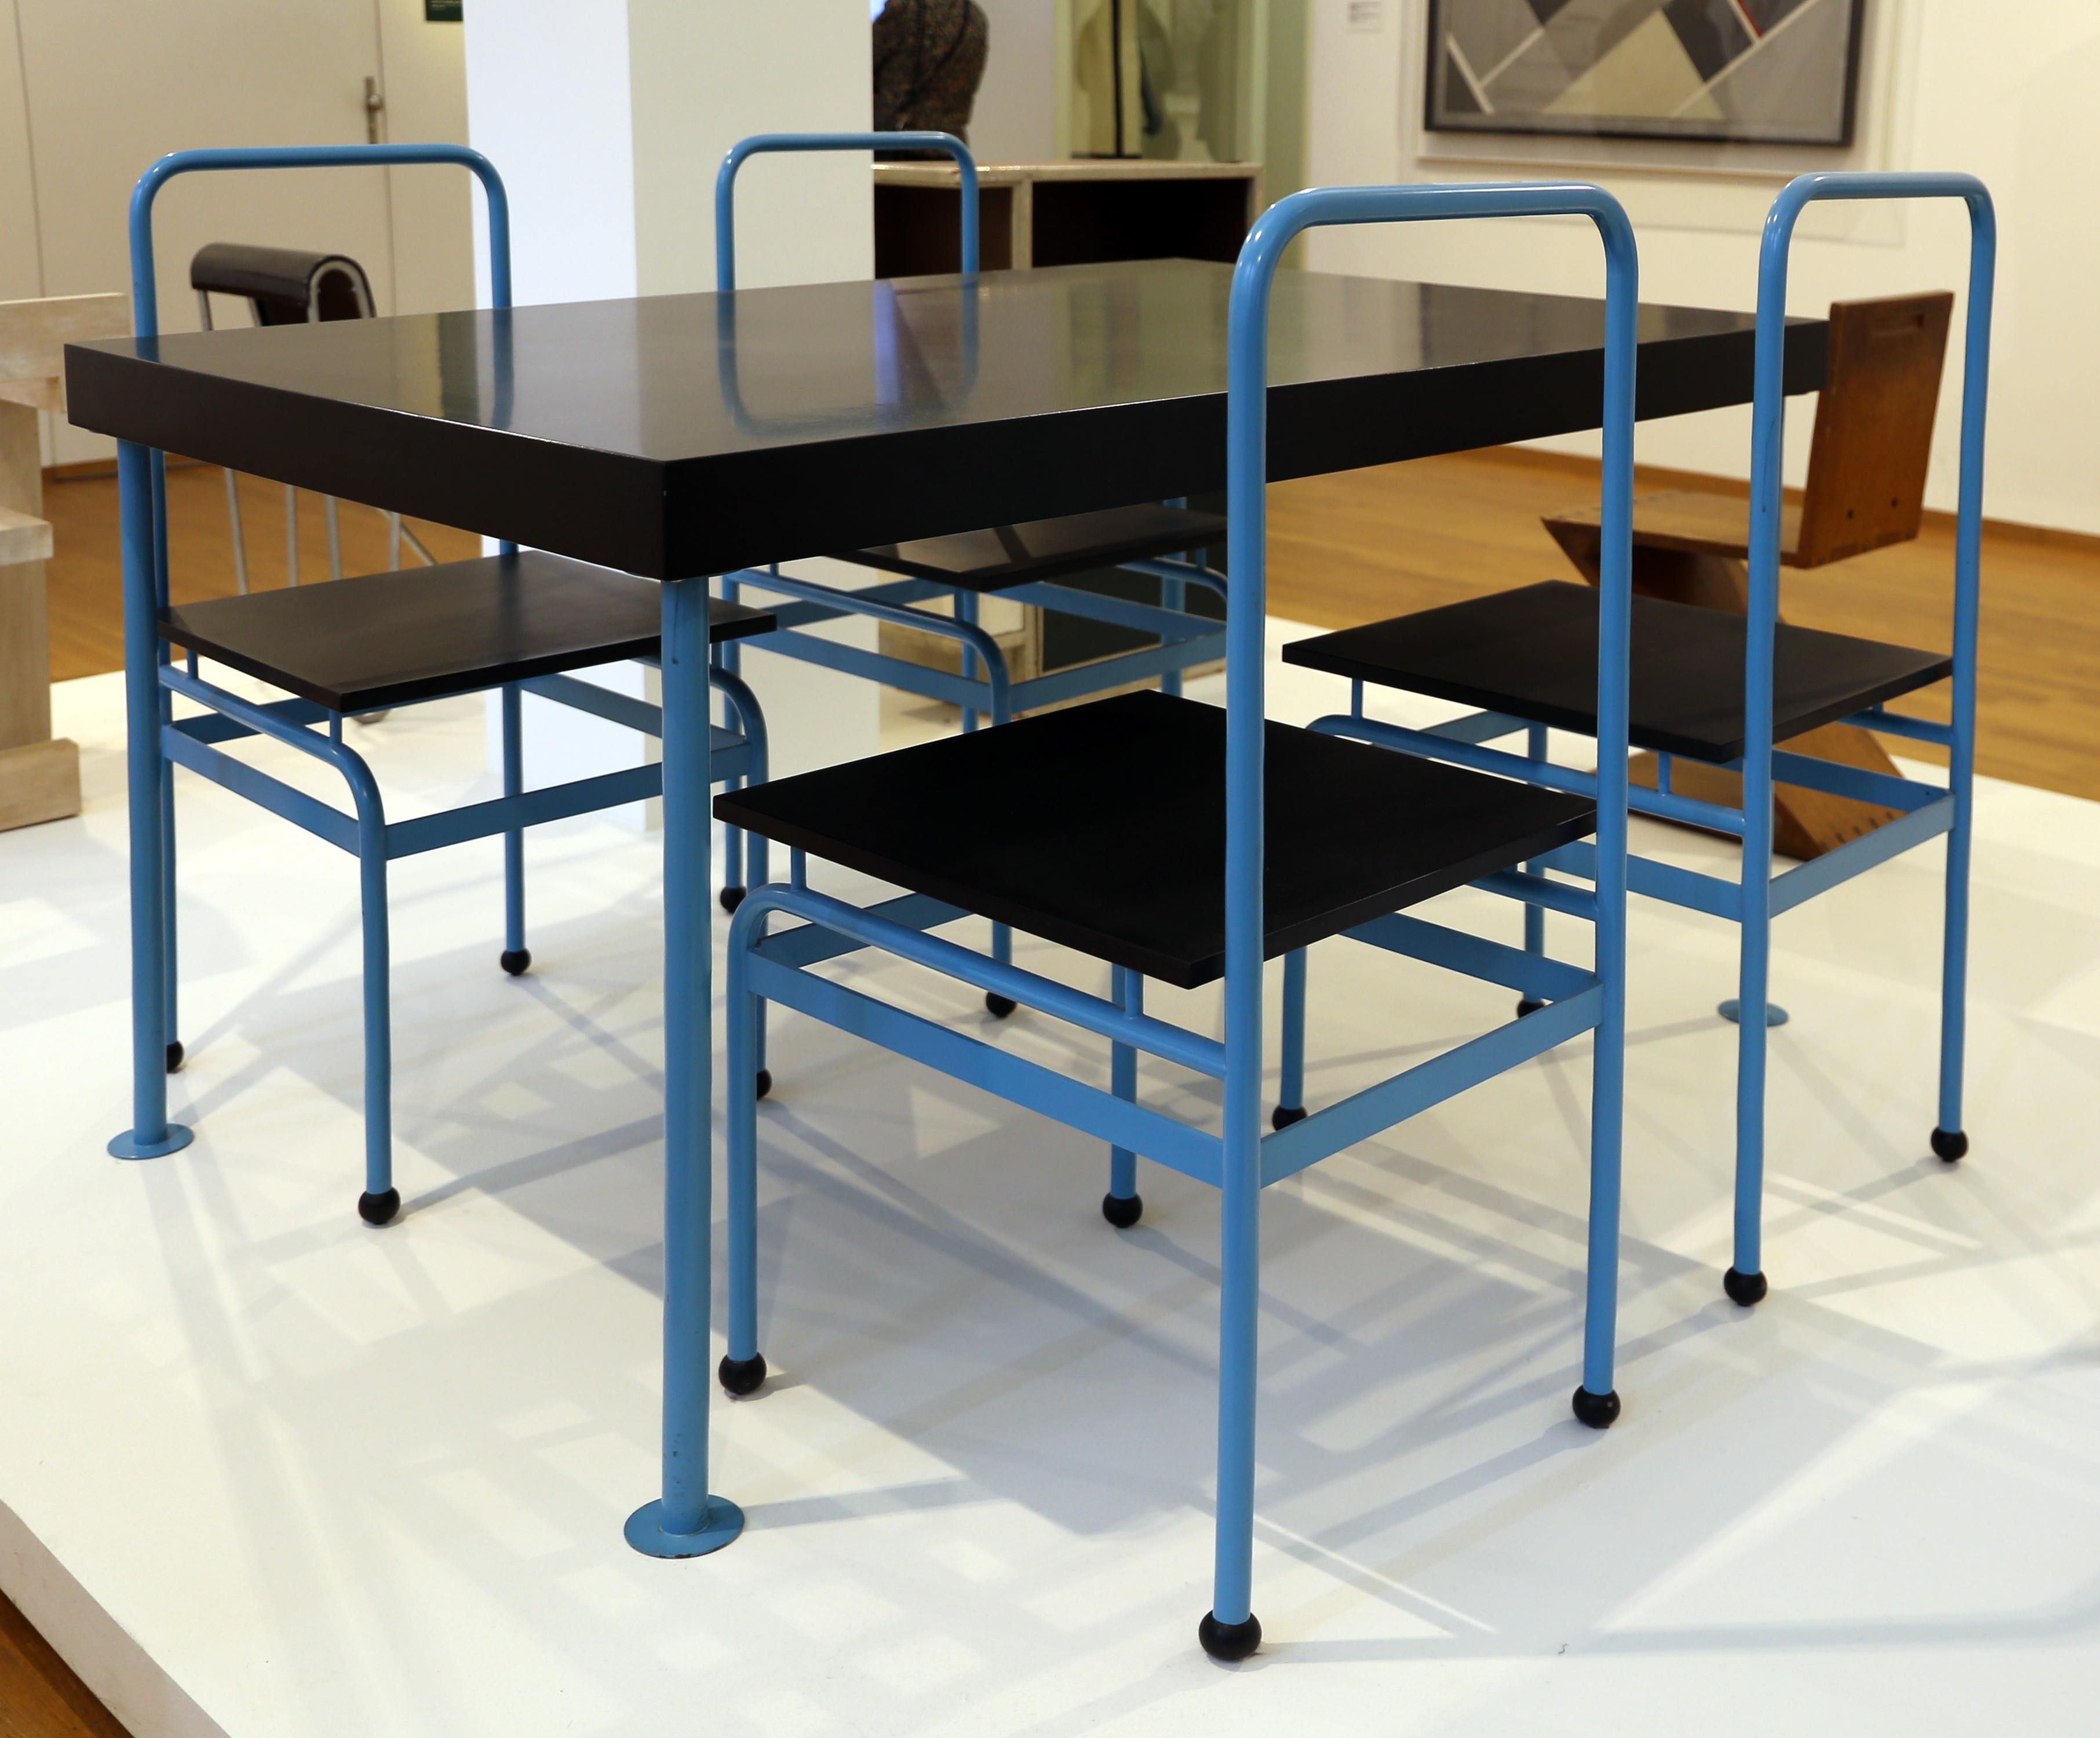 File:J.j.p. oud, tavolo da cucina e sedie per il ...